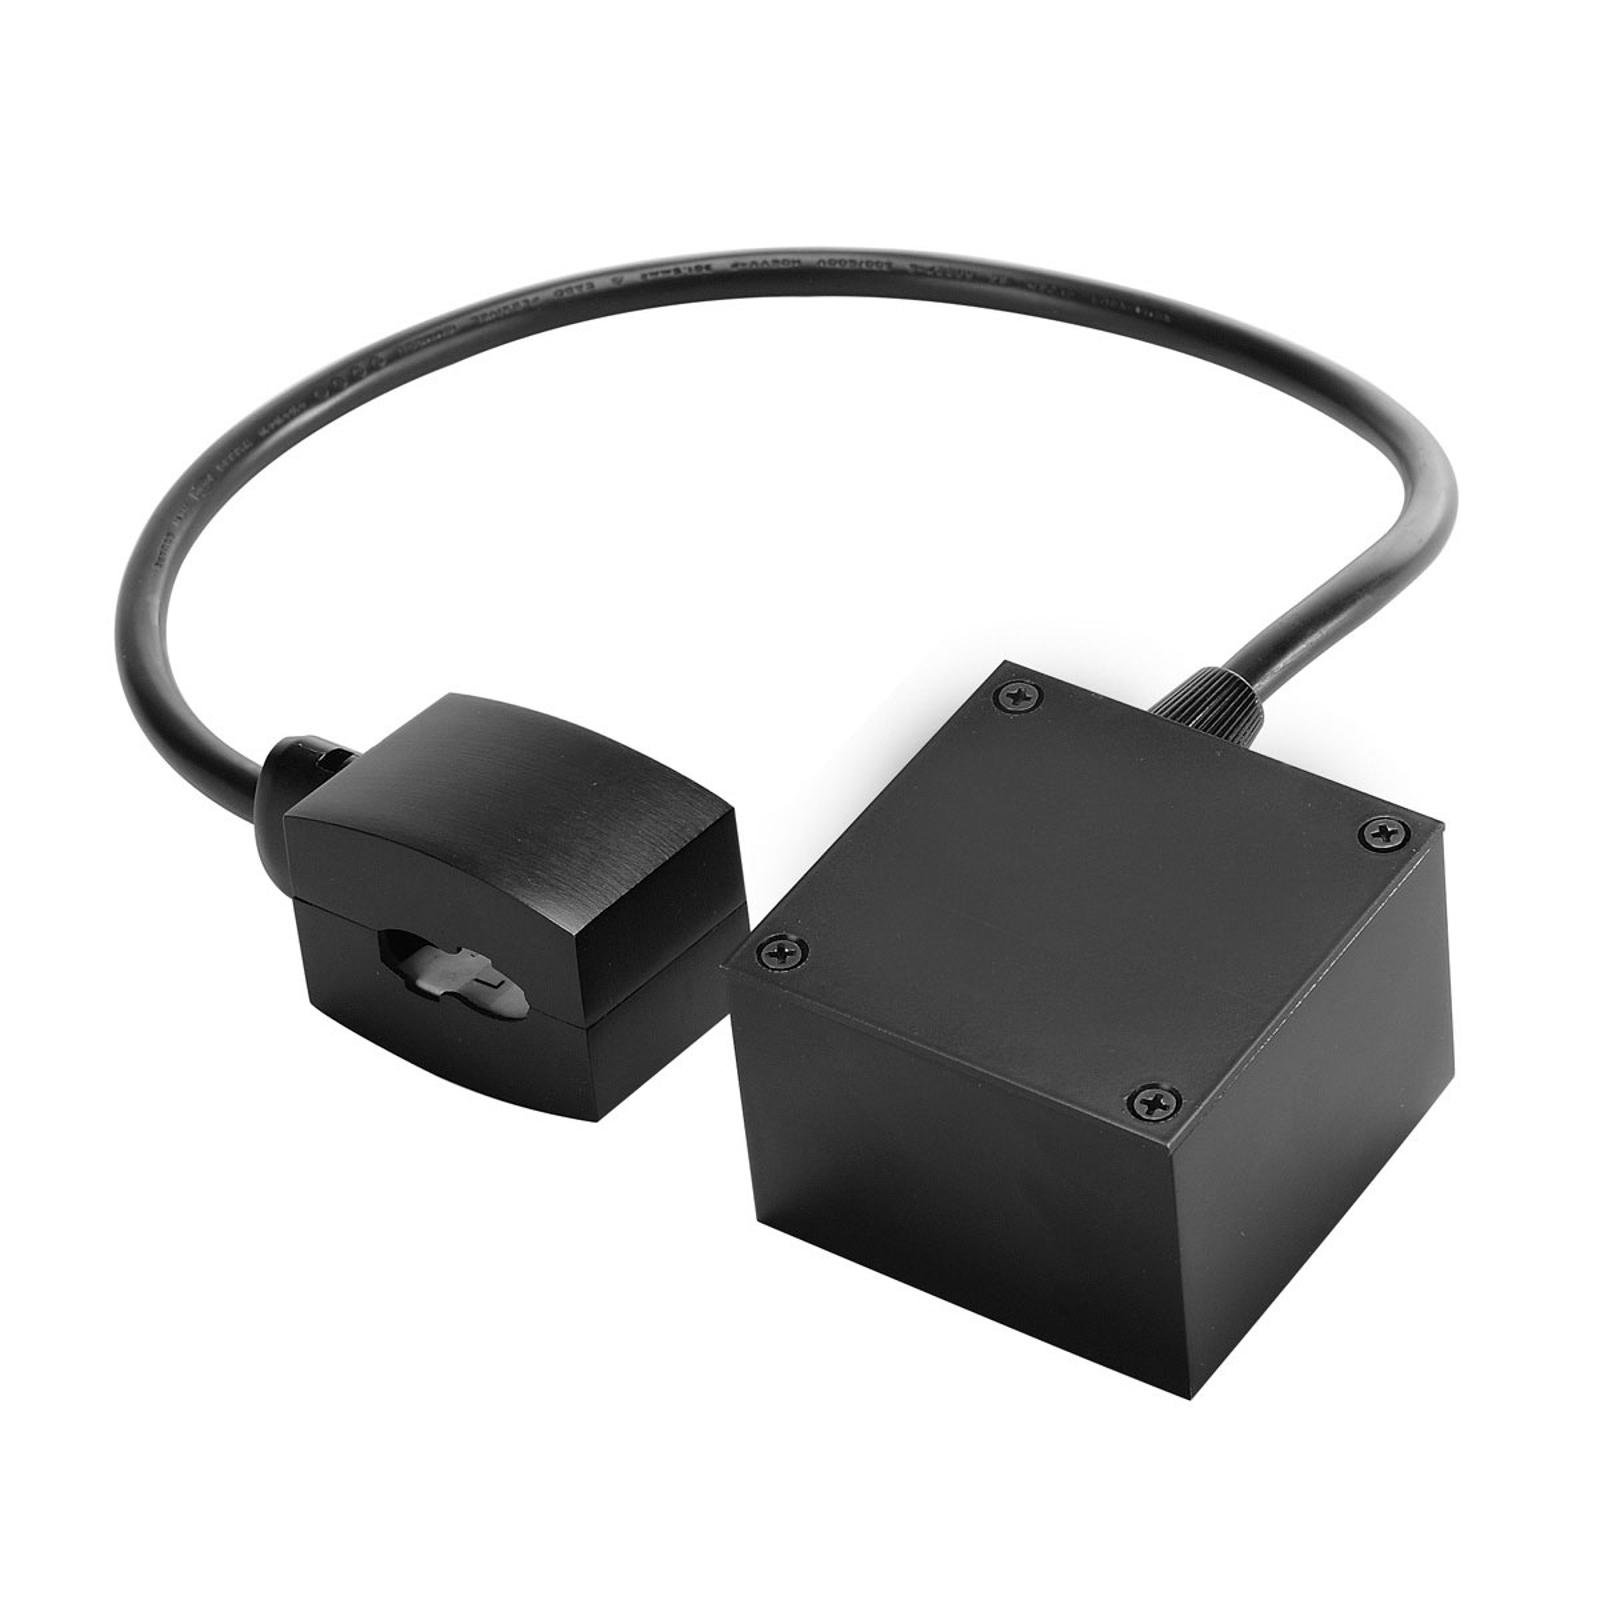 SLV EASYTEC II strømforsyning HV-skinne, sort